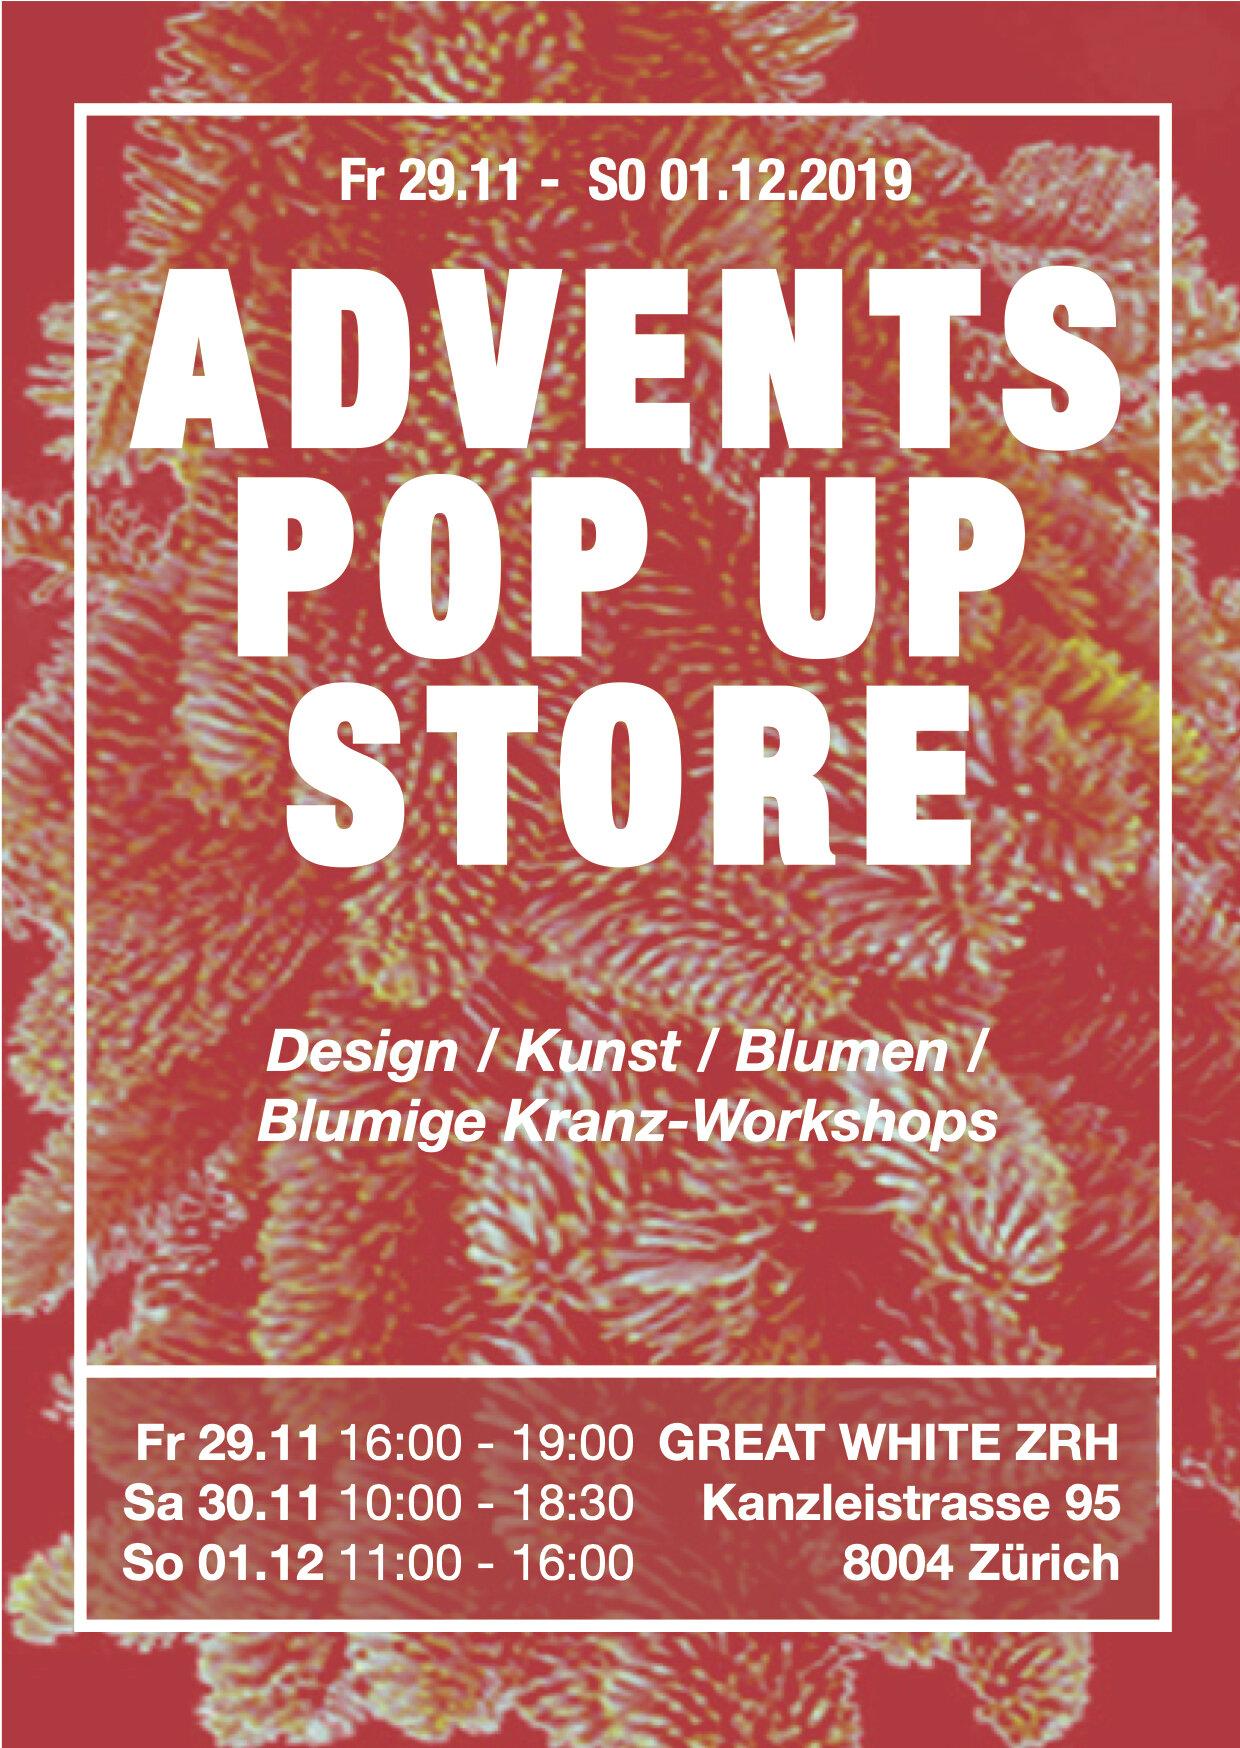 advents_popup_flyer Kopie.jpg